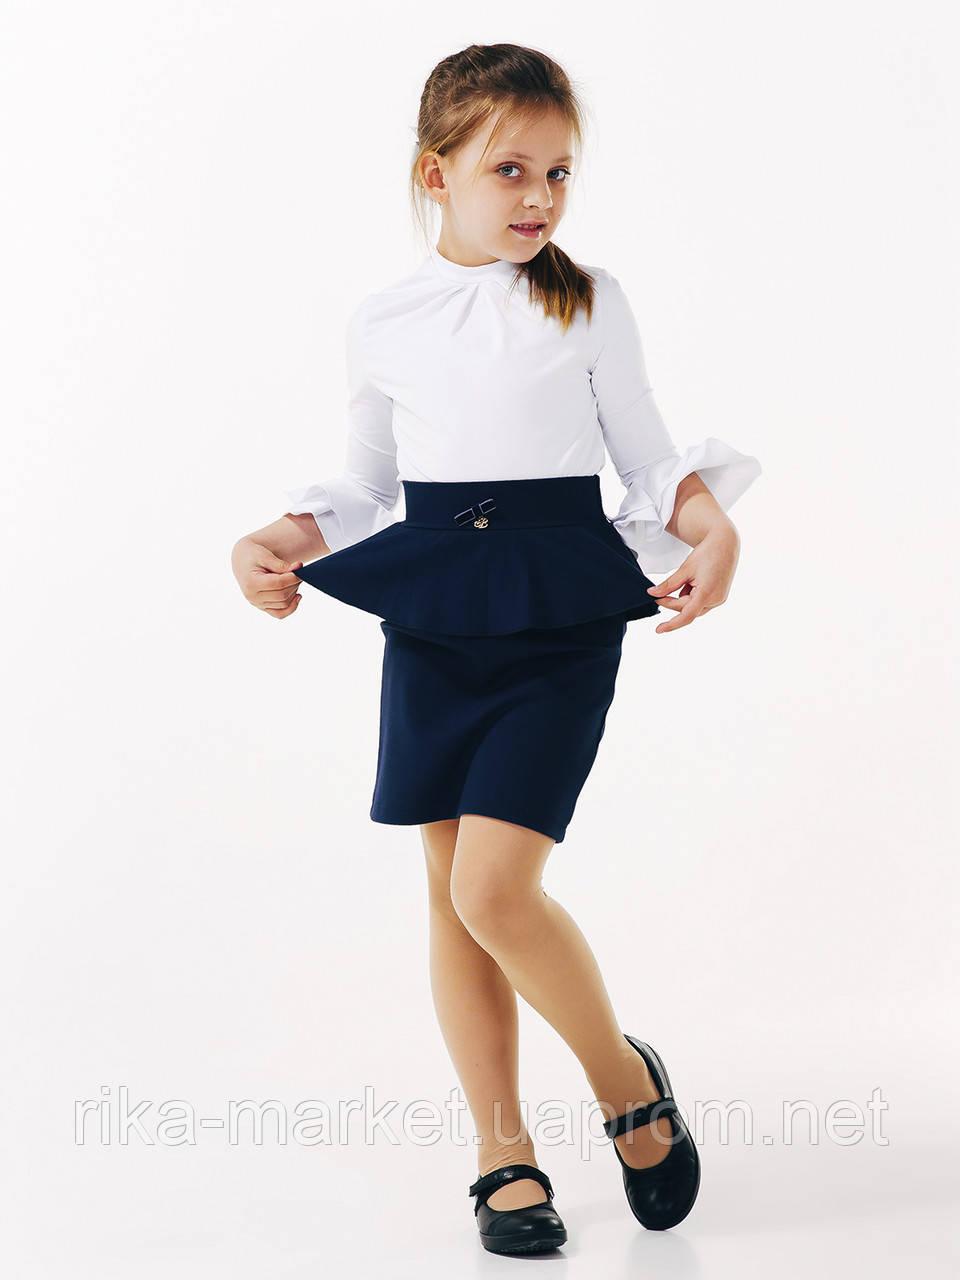 Красивая юбка в школу, ТМ Смил, 120235, возраст 11 - 14 лет